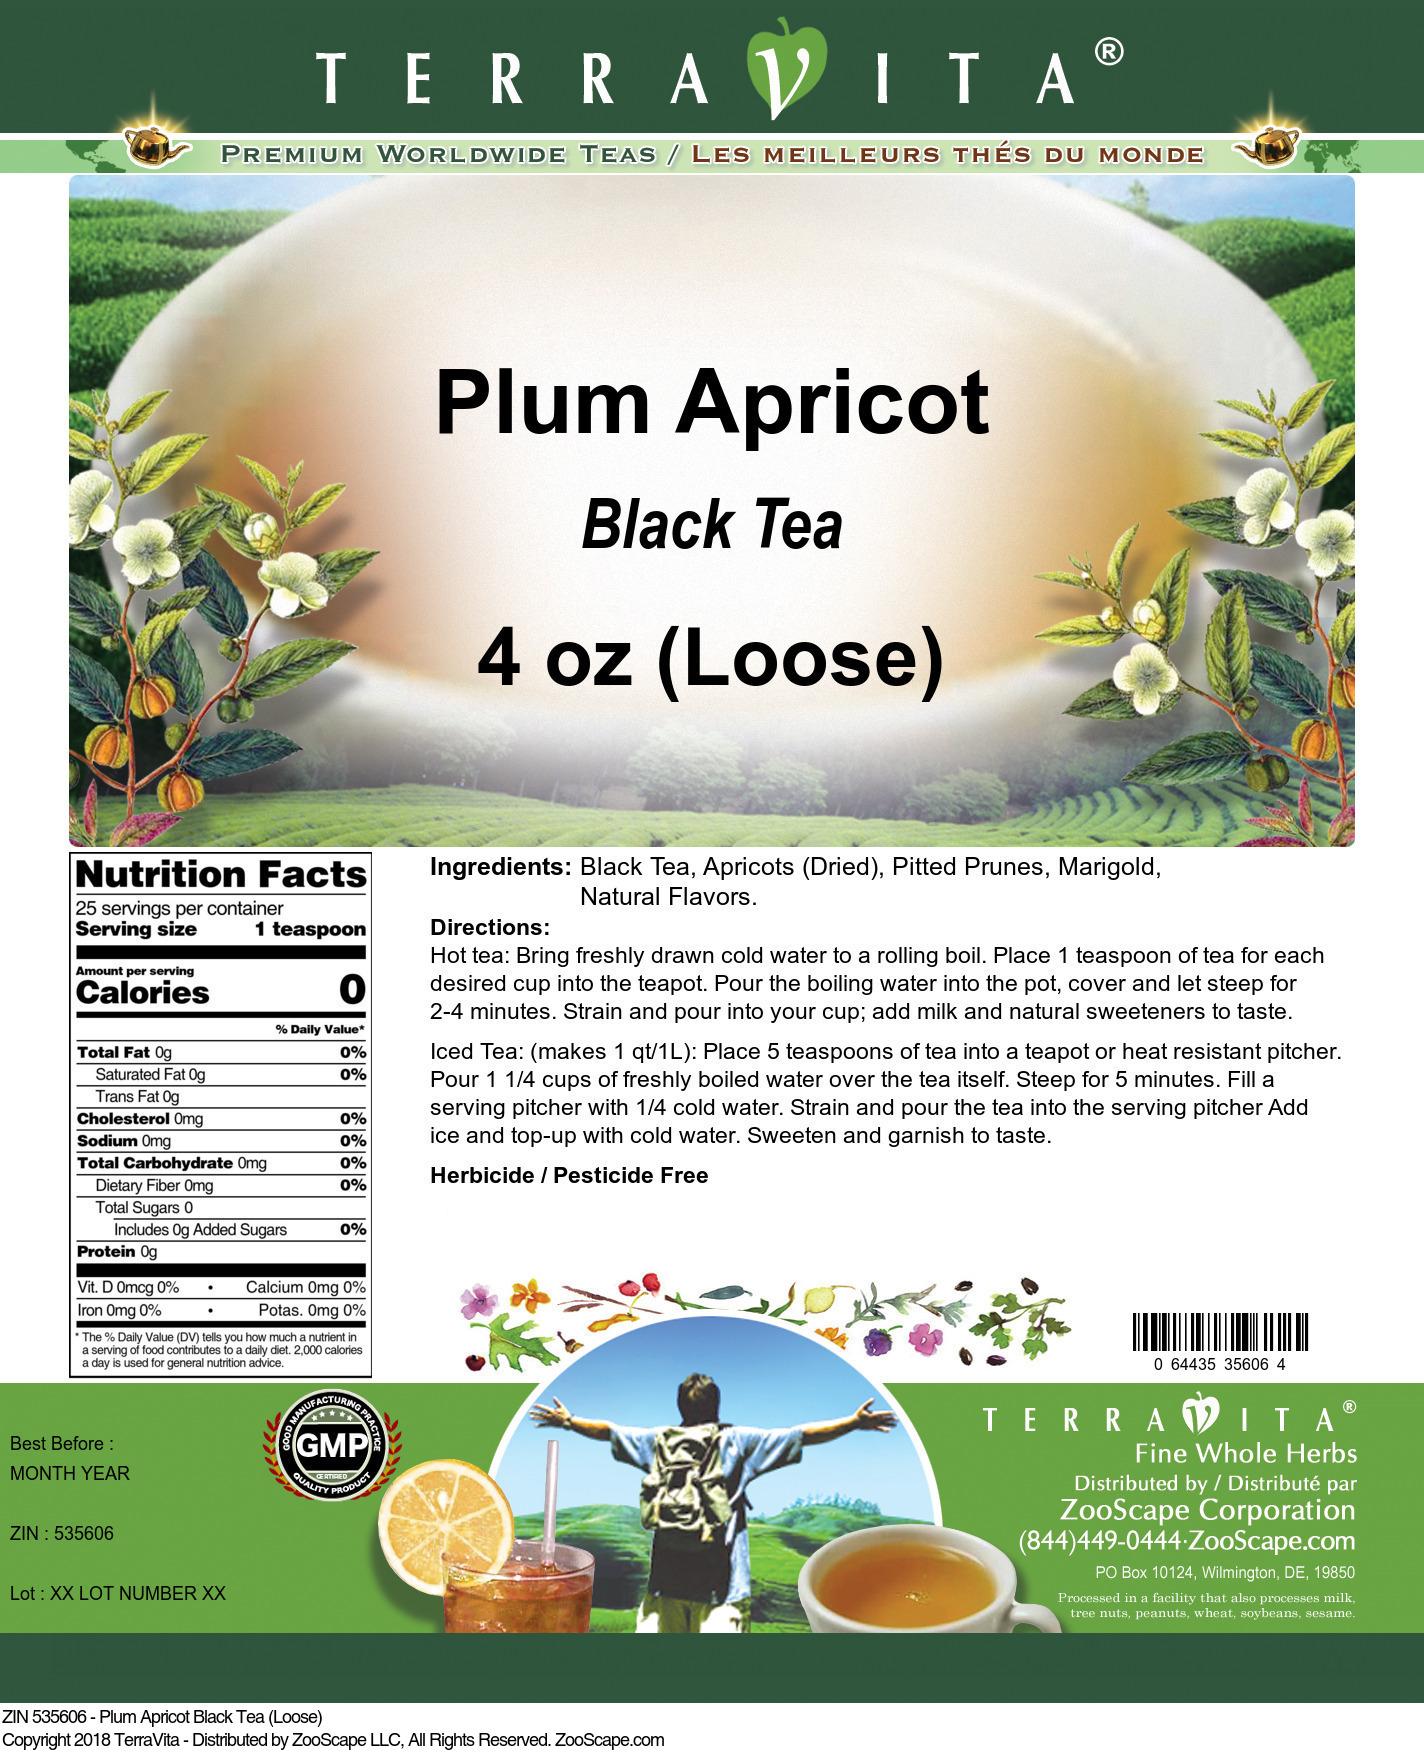 Plum Apricot Black Tea (Loose)